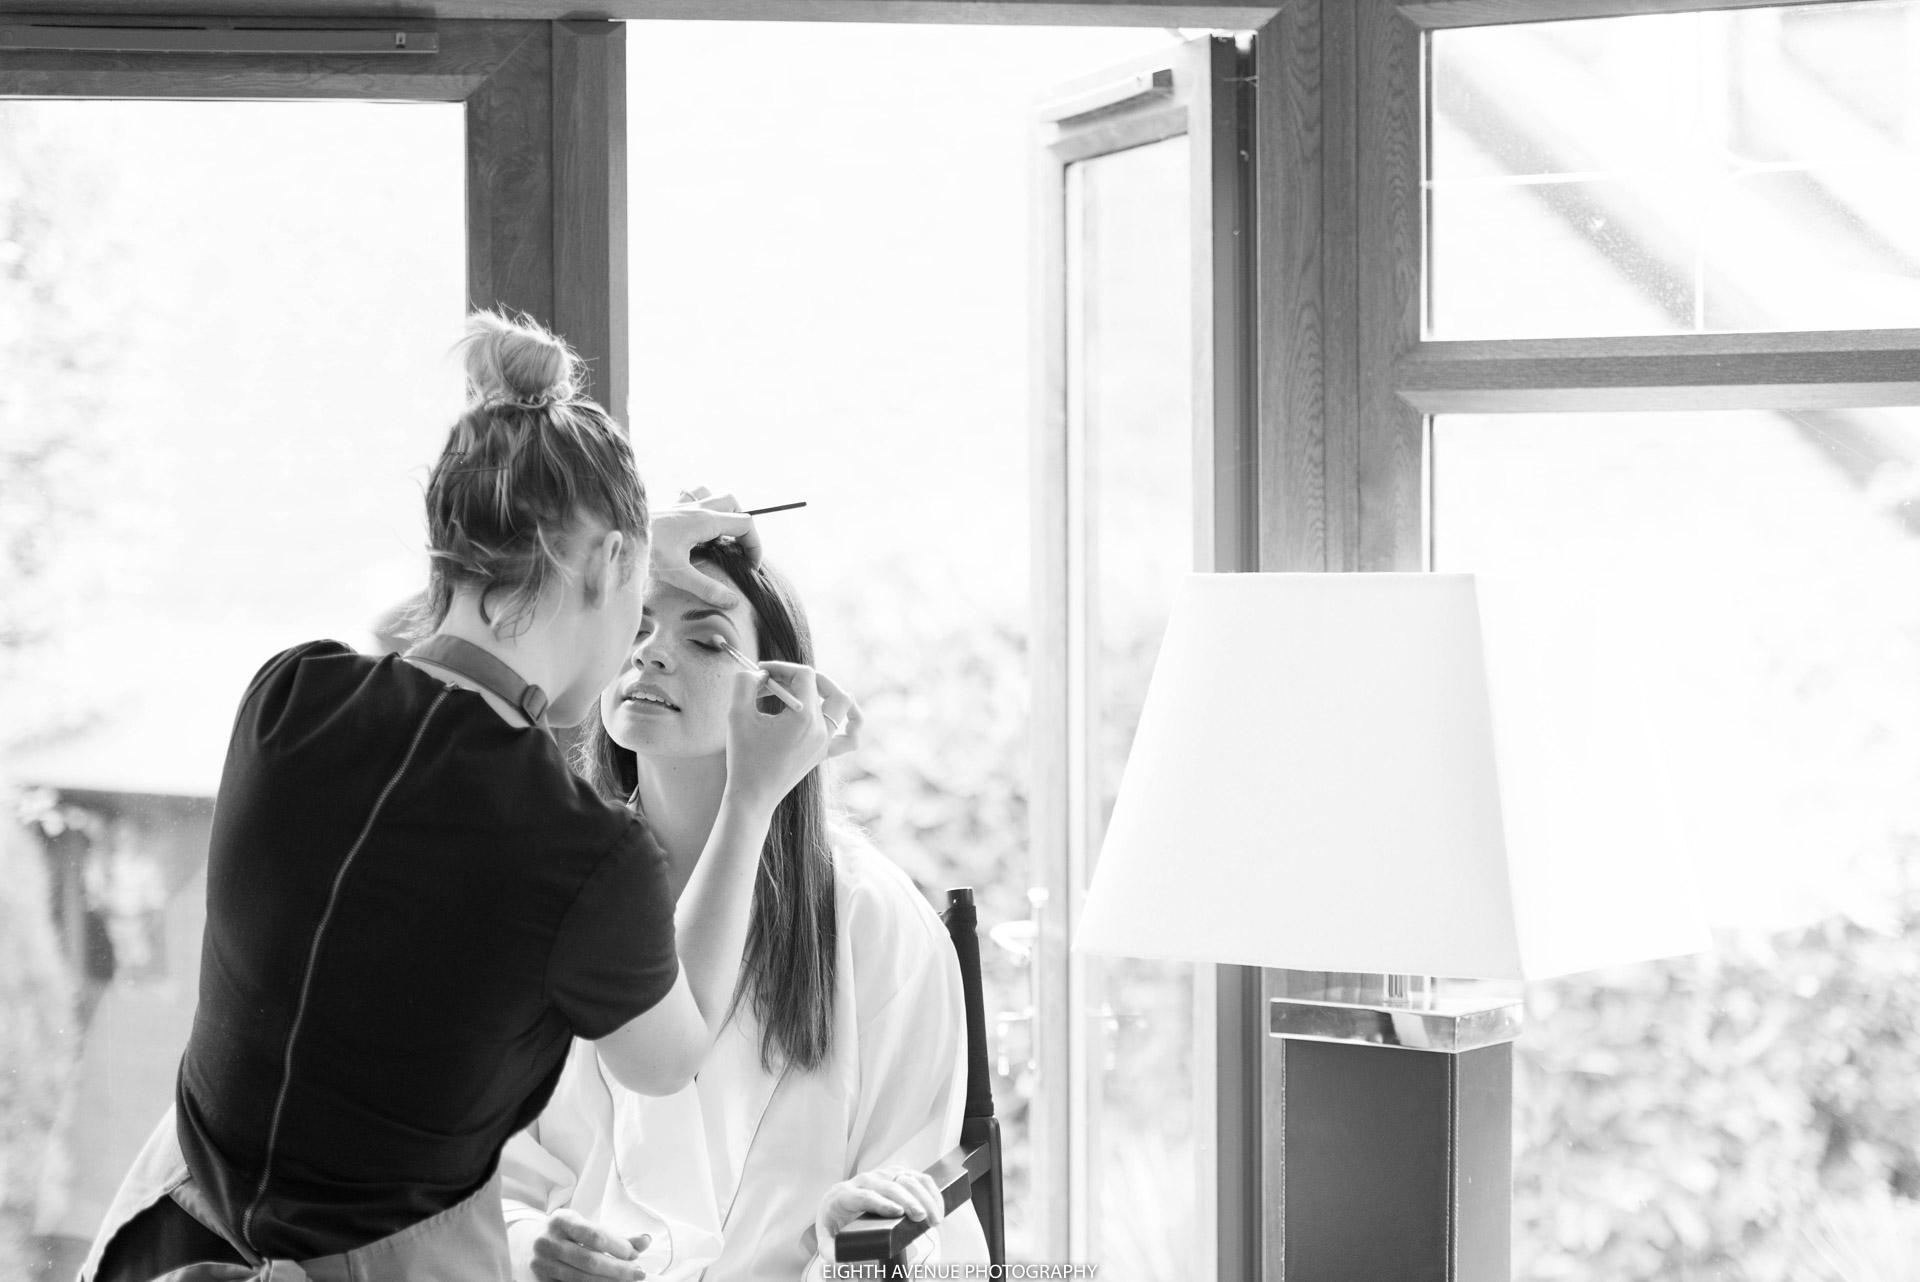 Bride having make up done for wedding